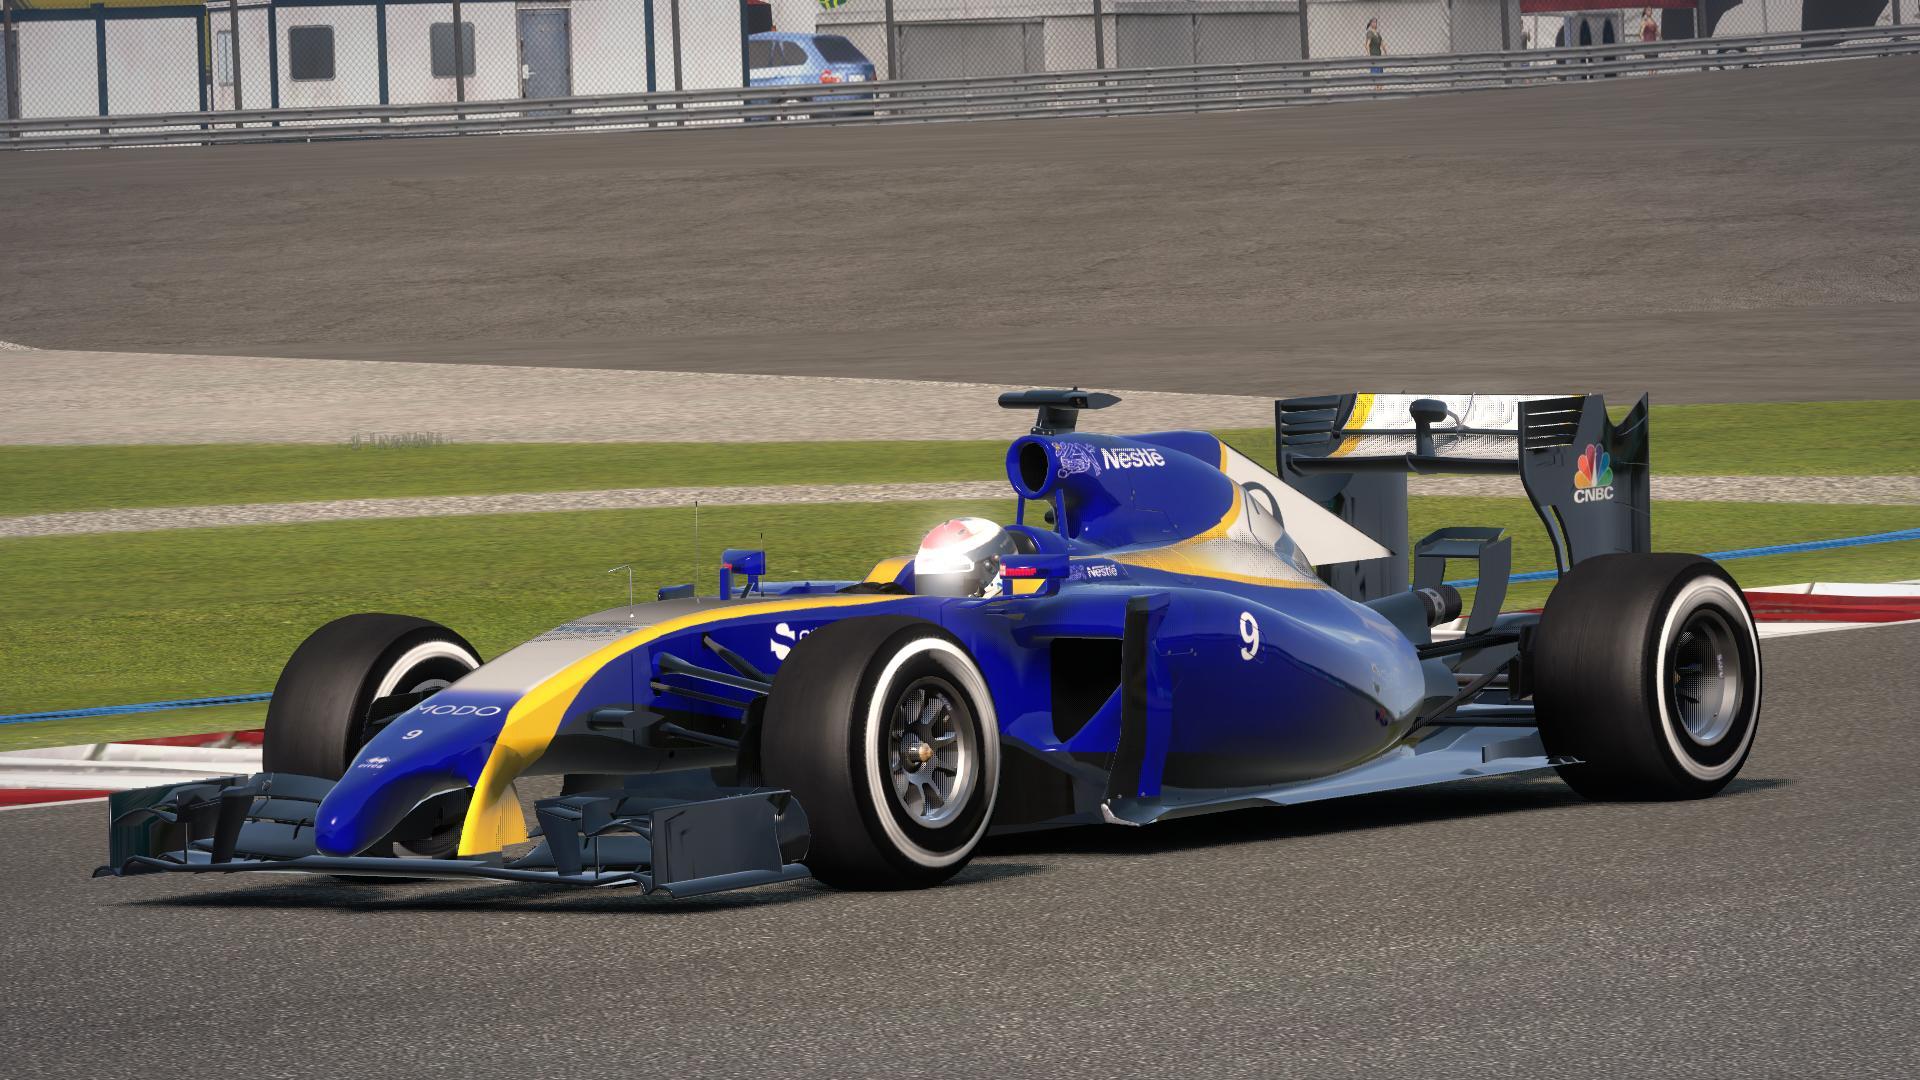 F1_2014 2017-03-18 16-04-24-58.jpg